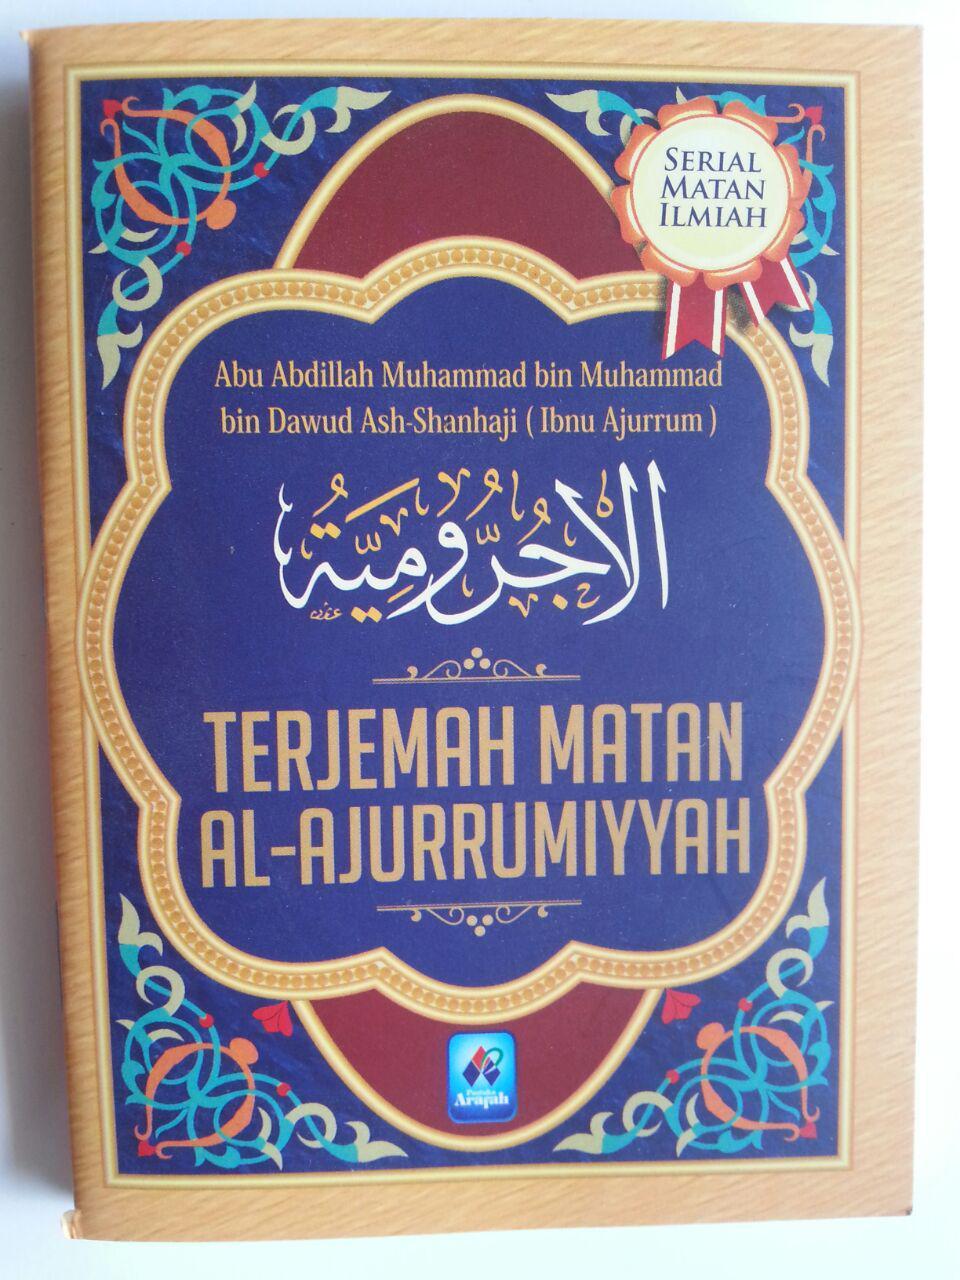 Buku Saku Terjemah Matan Al-Ajurrumiyyah cover 2